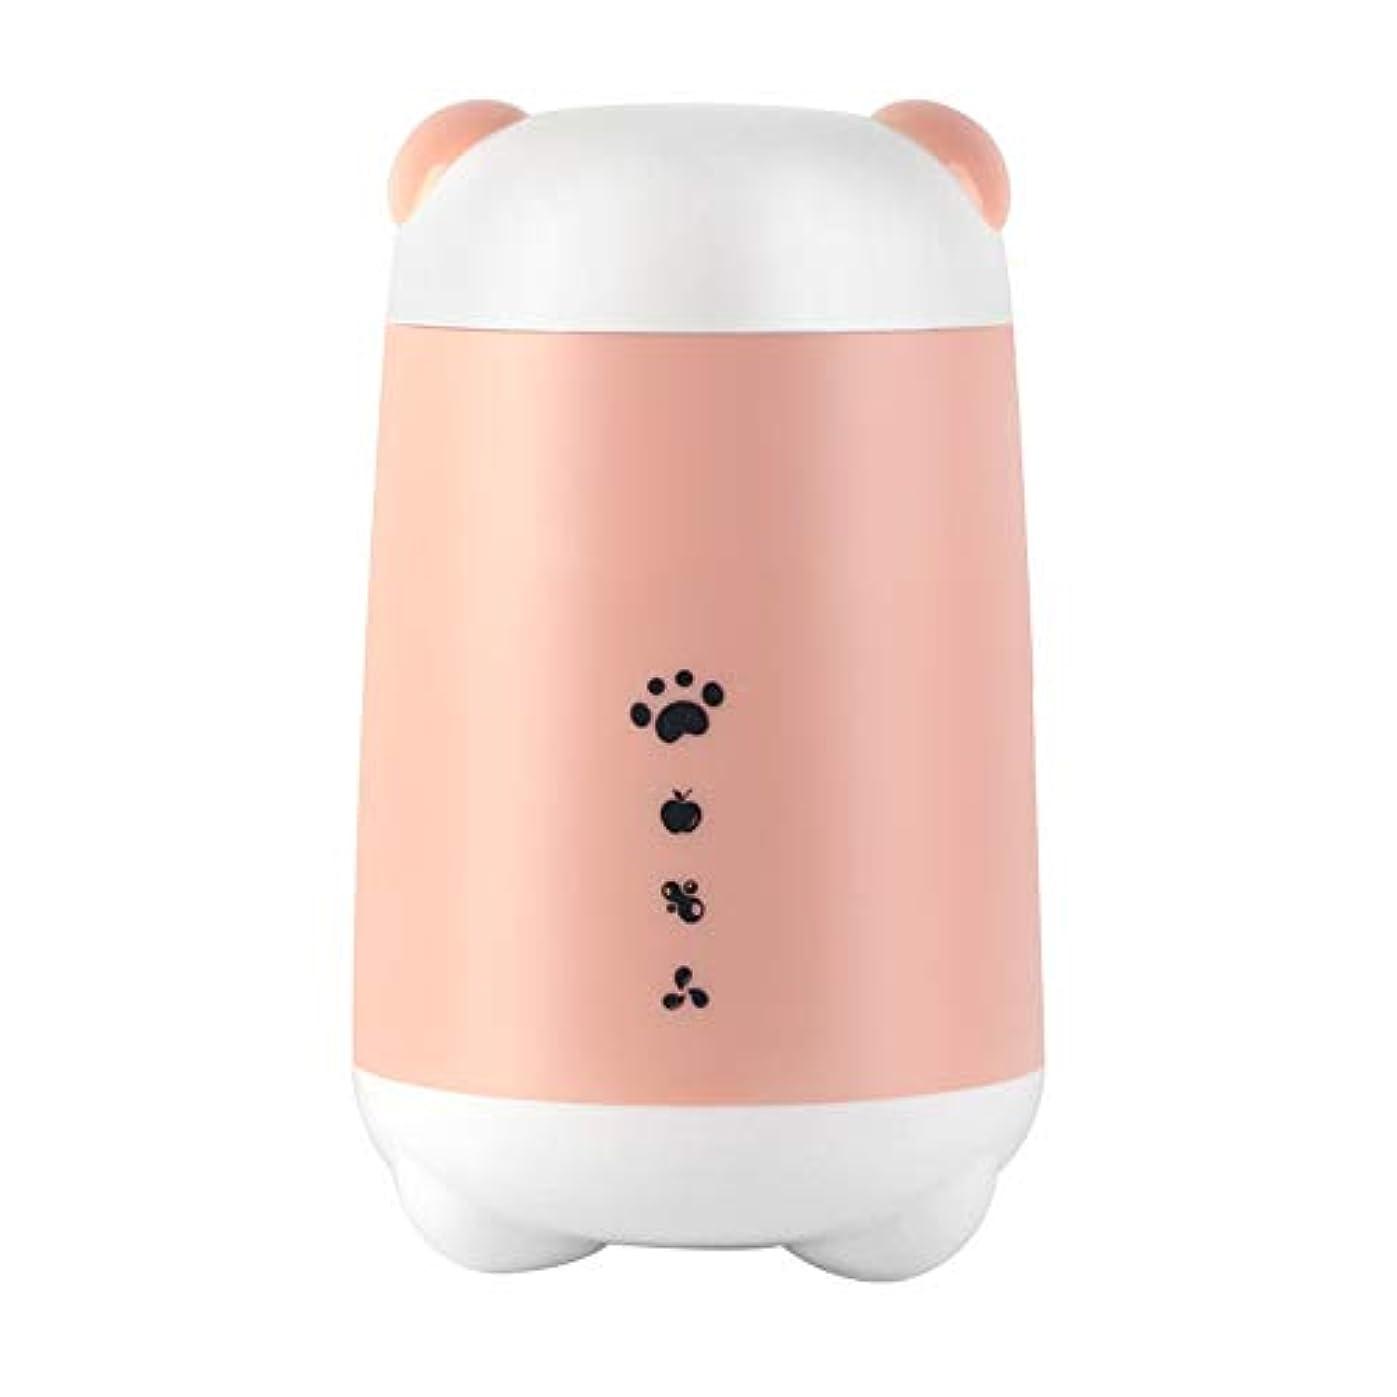 豚肉いちゃつく知的DIY の自然なフルーツのマスク、美の器械のフルーツおよび野菜フルーツのマスク機械家-作られた自動小型美白の水和の美の器械,Pink